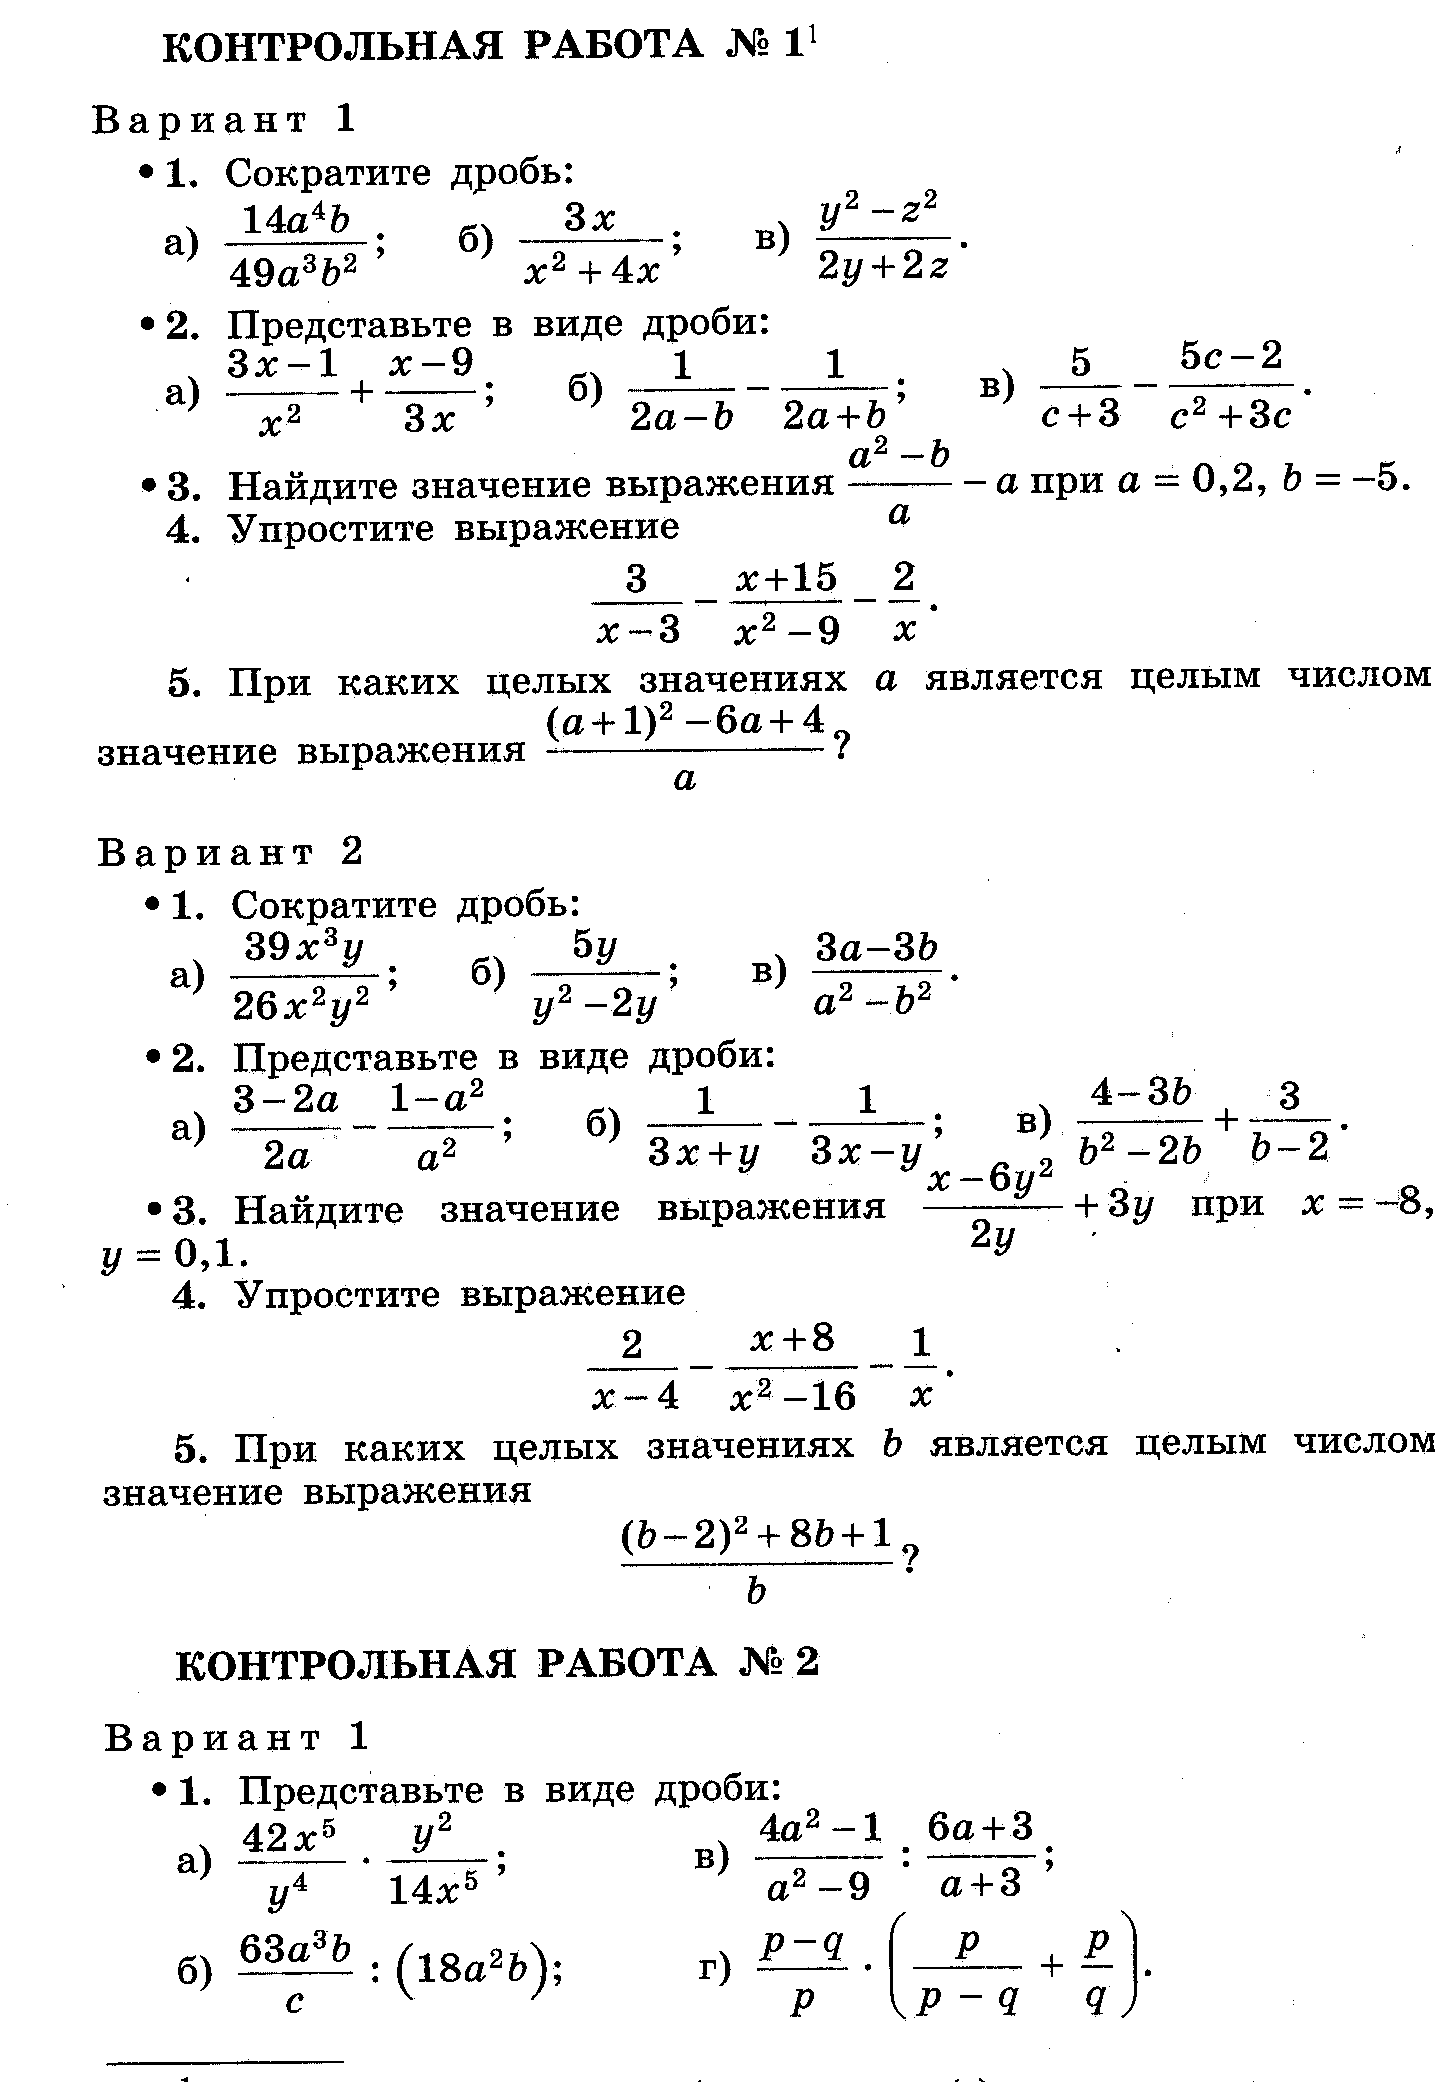 Решать контрольные работы по алгебре 7 класс онлайн биткоин майнинг программы cpu